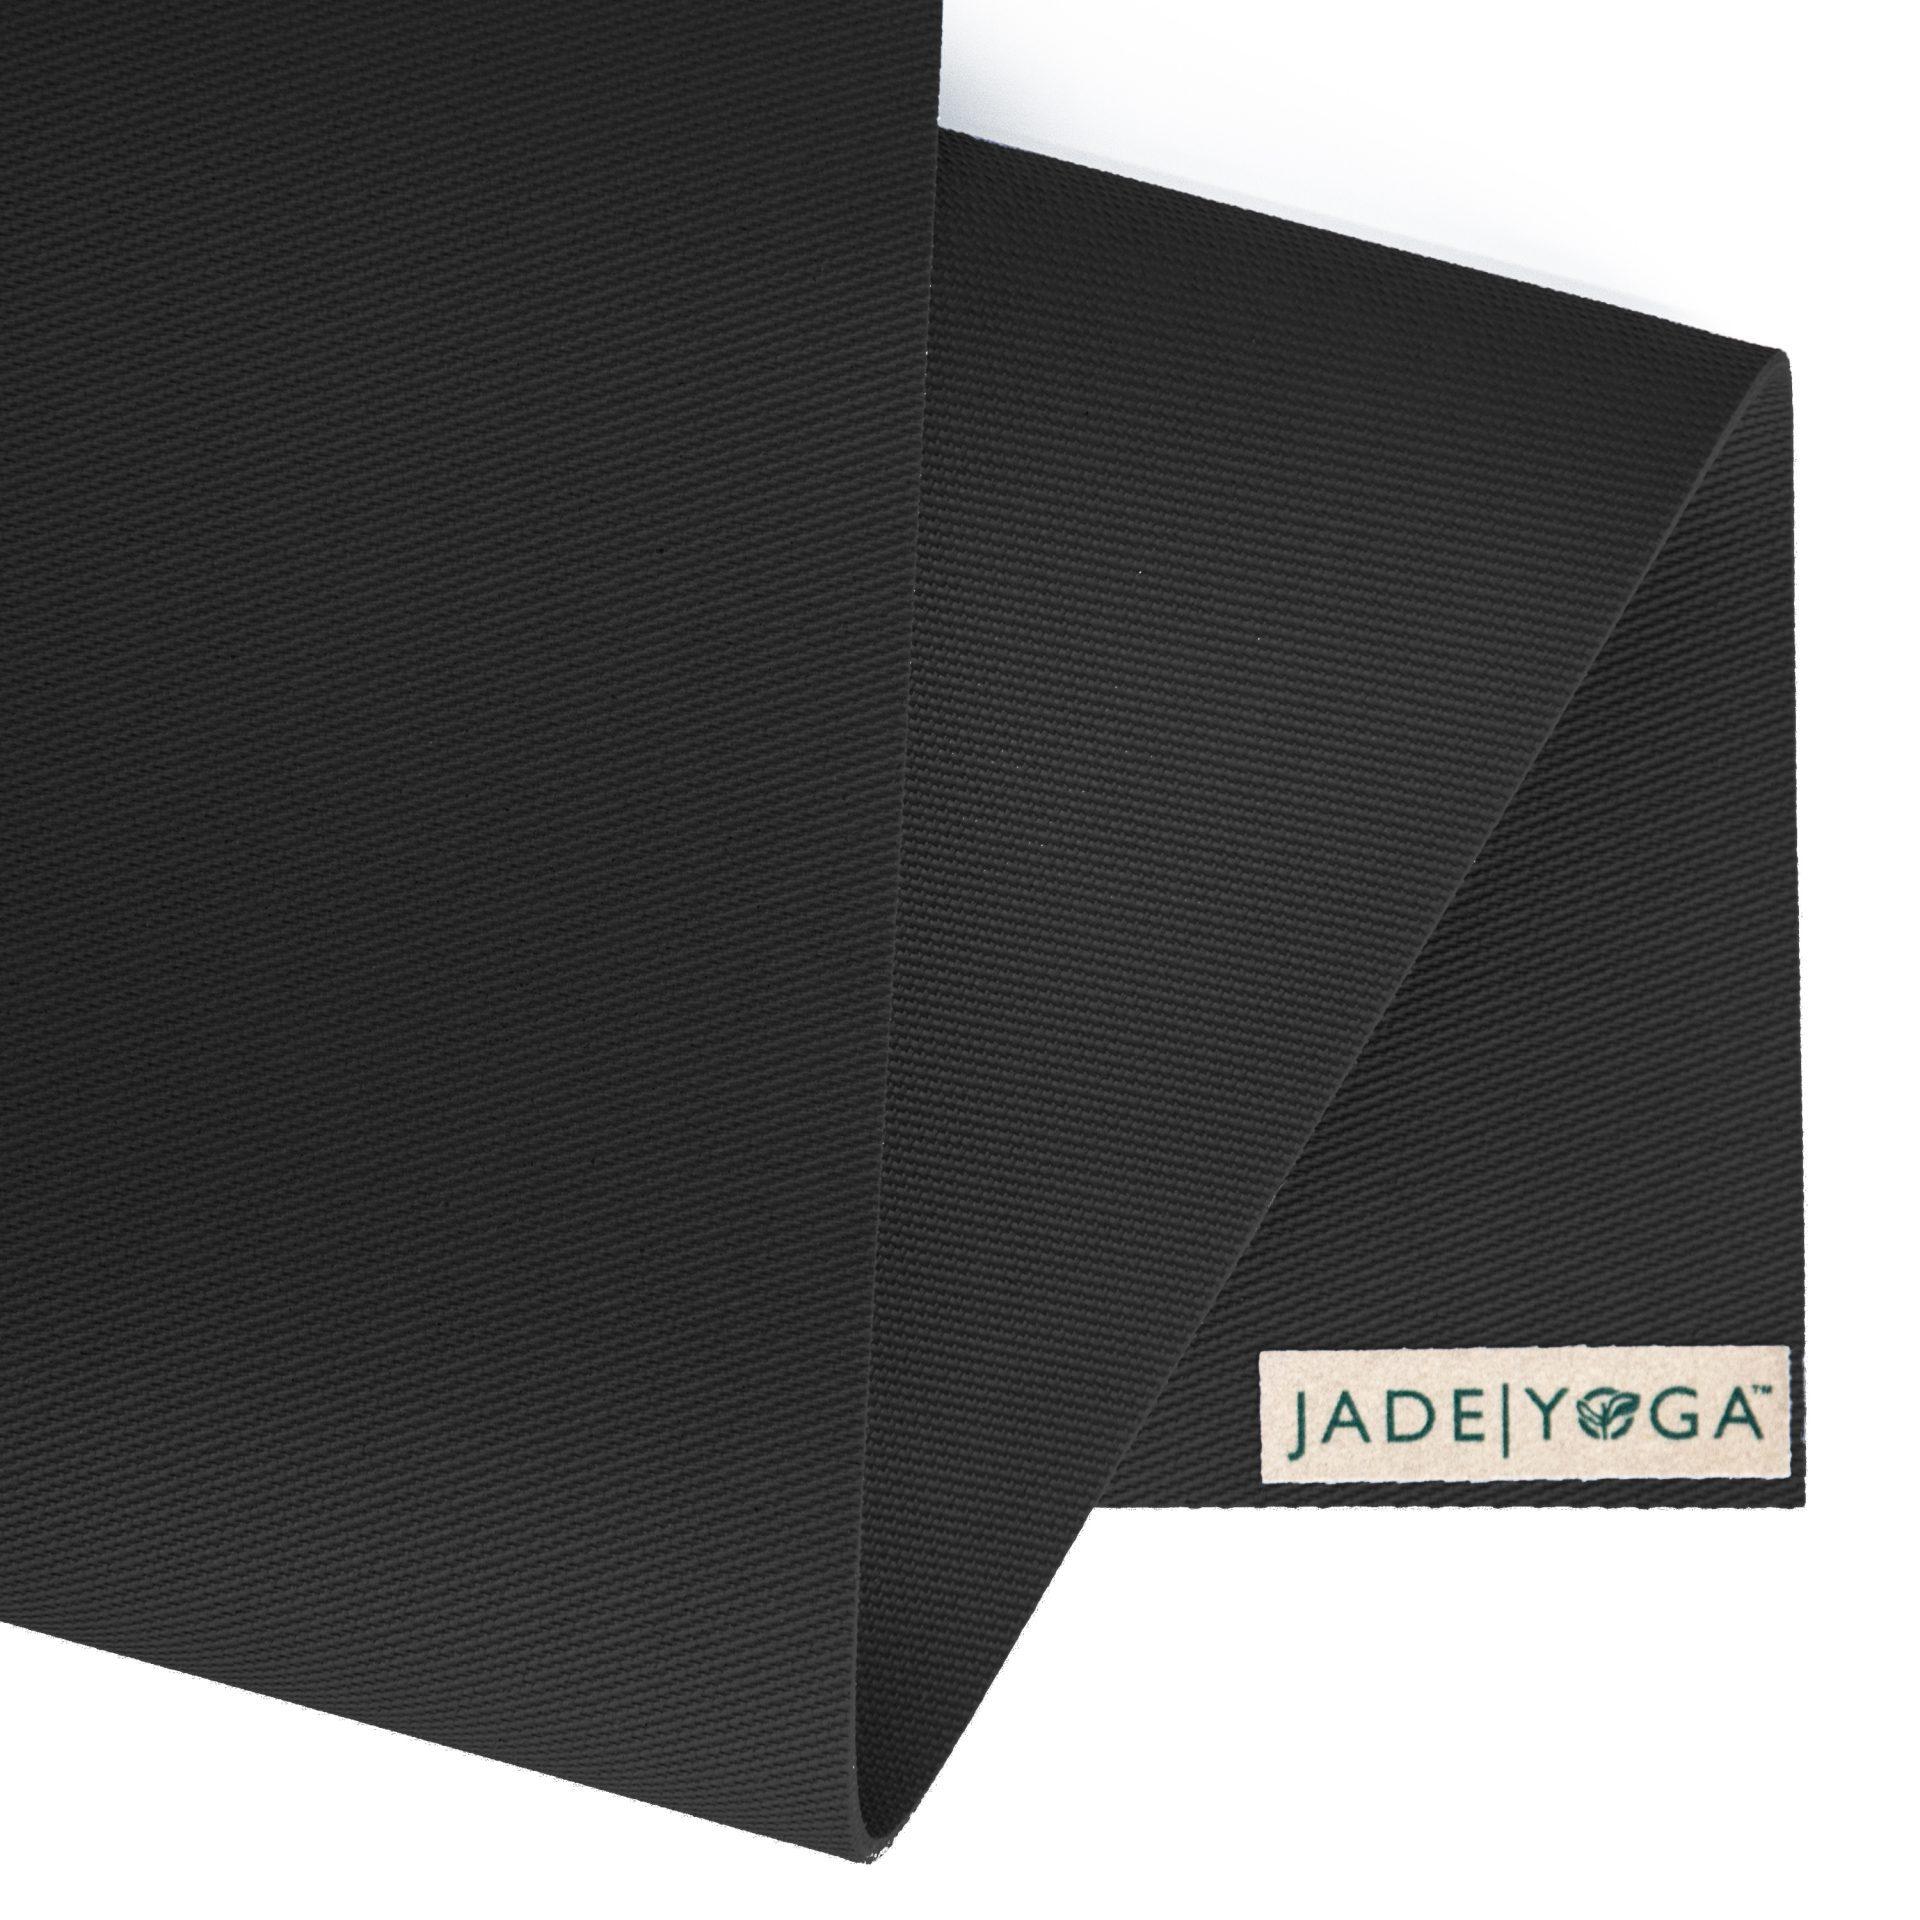 Jade Harmony Black Professional Yoga Mat Ouryogashop